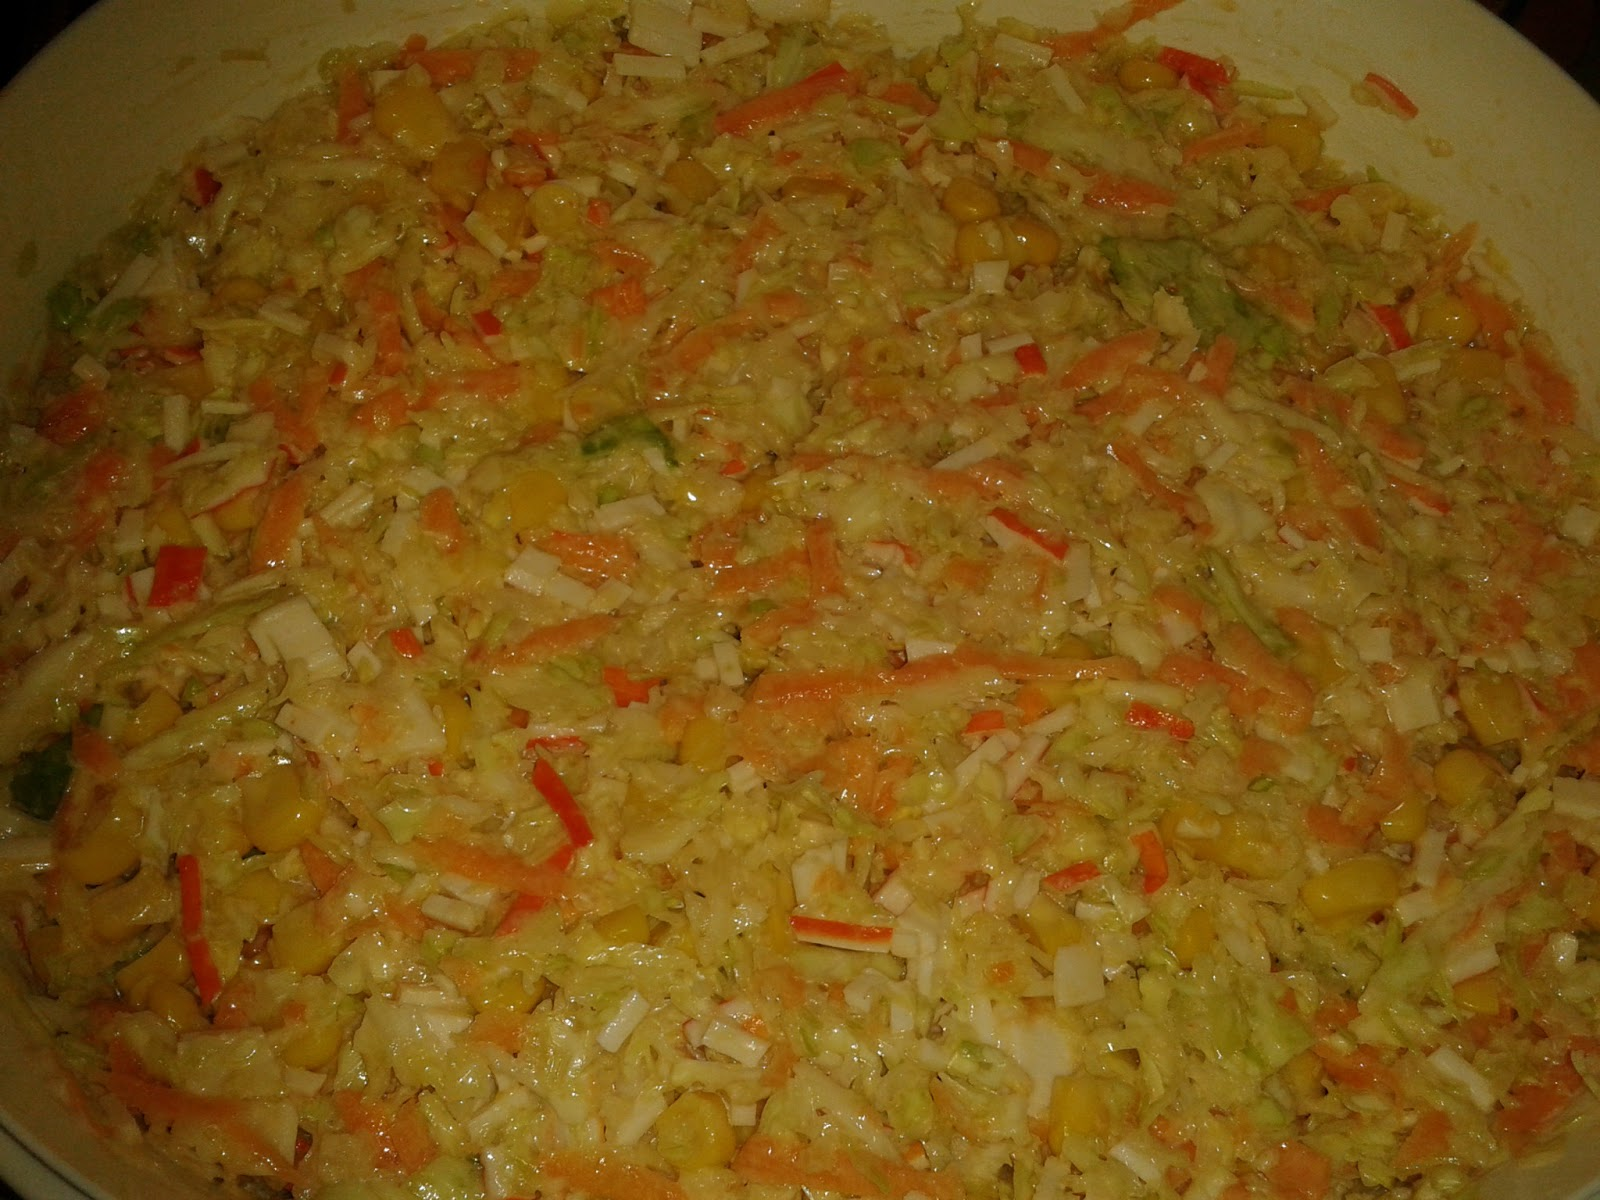 Cocina y viaje con carmen ensalada de col y palitos surimi - Cocina con carmen ...